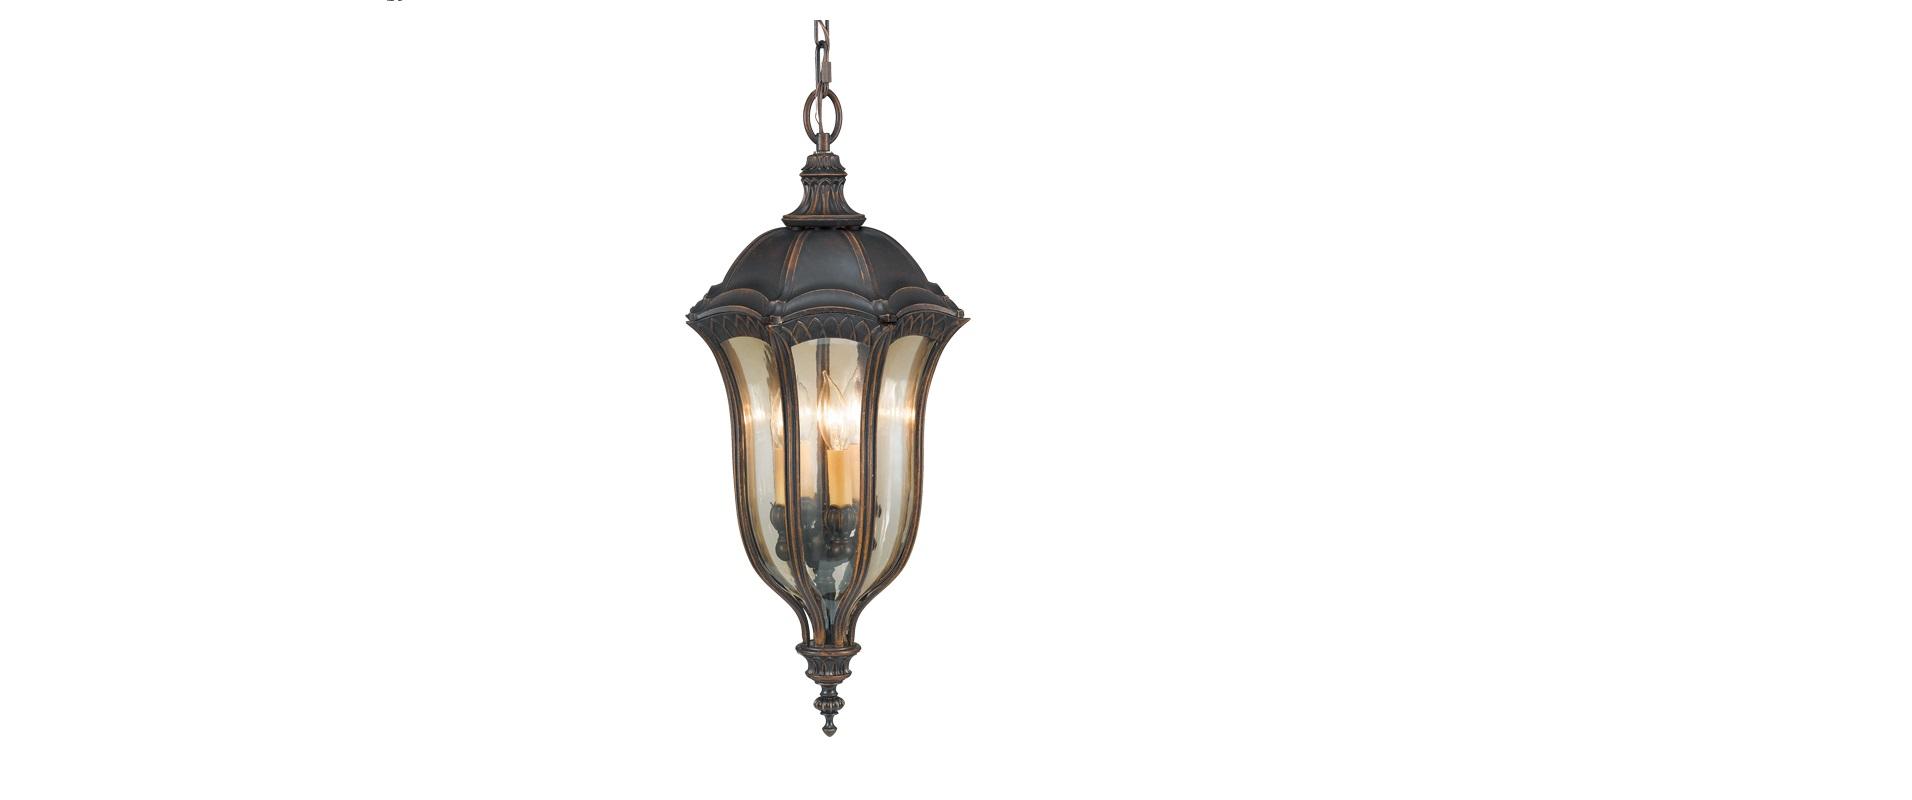 Подвесной фонарь FeissУличные подвесные и потолочные светильники<br>Цоколь: E14.&amp;lt;div&amp;gt;Мощность: 60W.&amp;amp;nbsp;&amp;lt;/div&amp;gt;&amp;lt;div&amp;gt;Количество ламп: 4.&amp;lt;/div&amp;gt;&amp;lt;div&amp;gt;Цвет: орех.&amp;lt;/div&amp;gt;<br><br>Material: Металл<br>Ширина см: 33<br>Высота см: 71